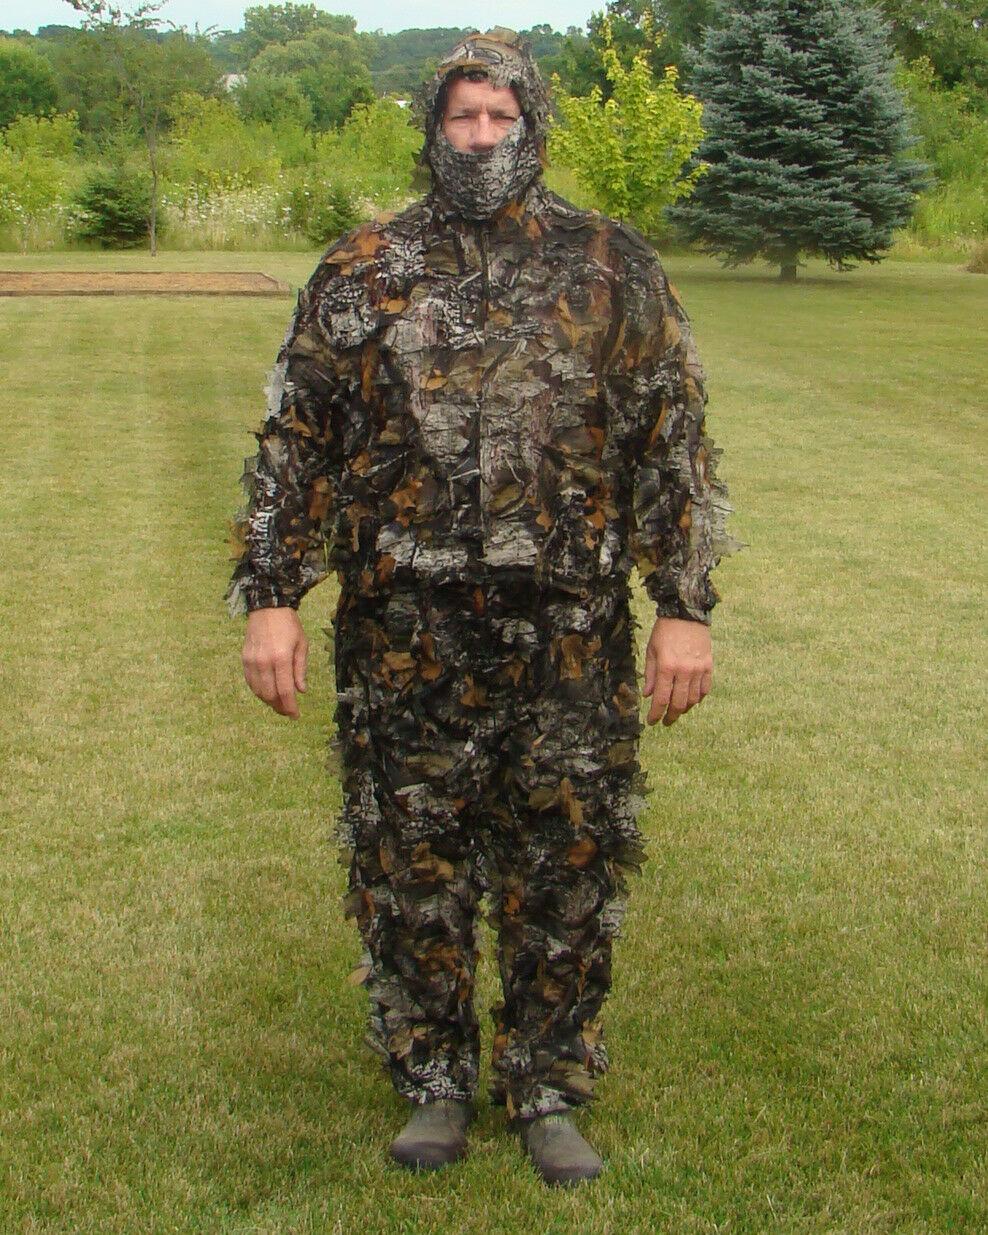 3-D Leafy Camoflauge Deer   Turkey Hunting Ghillie Suit 3 pc set  M L-XL 2X-3X 4